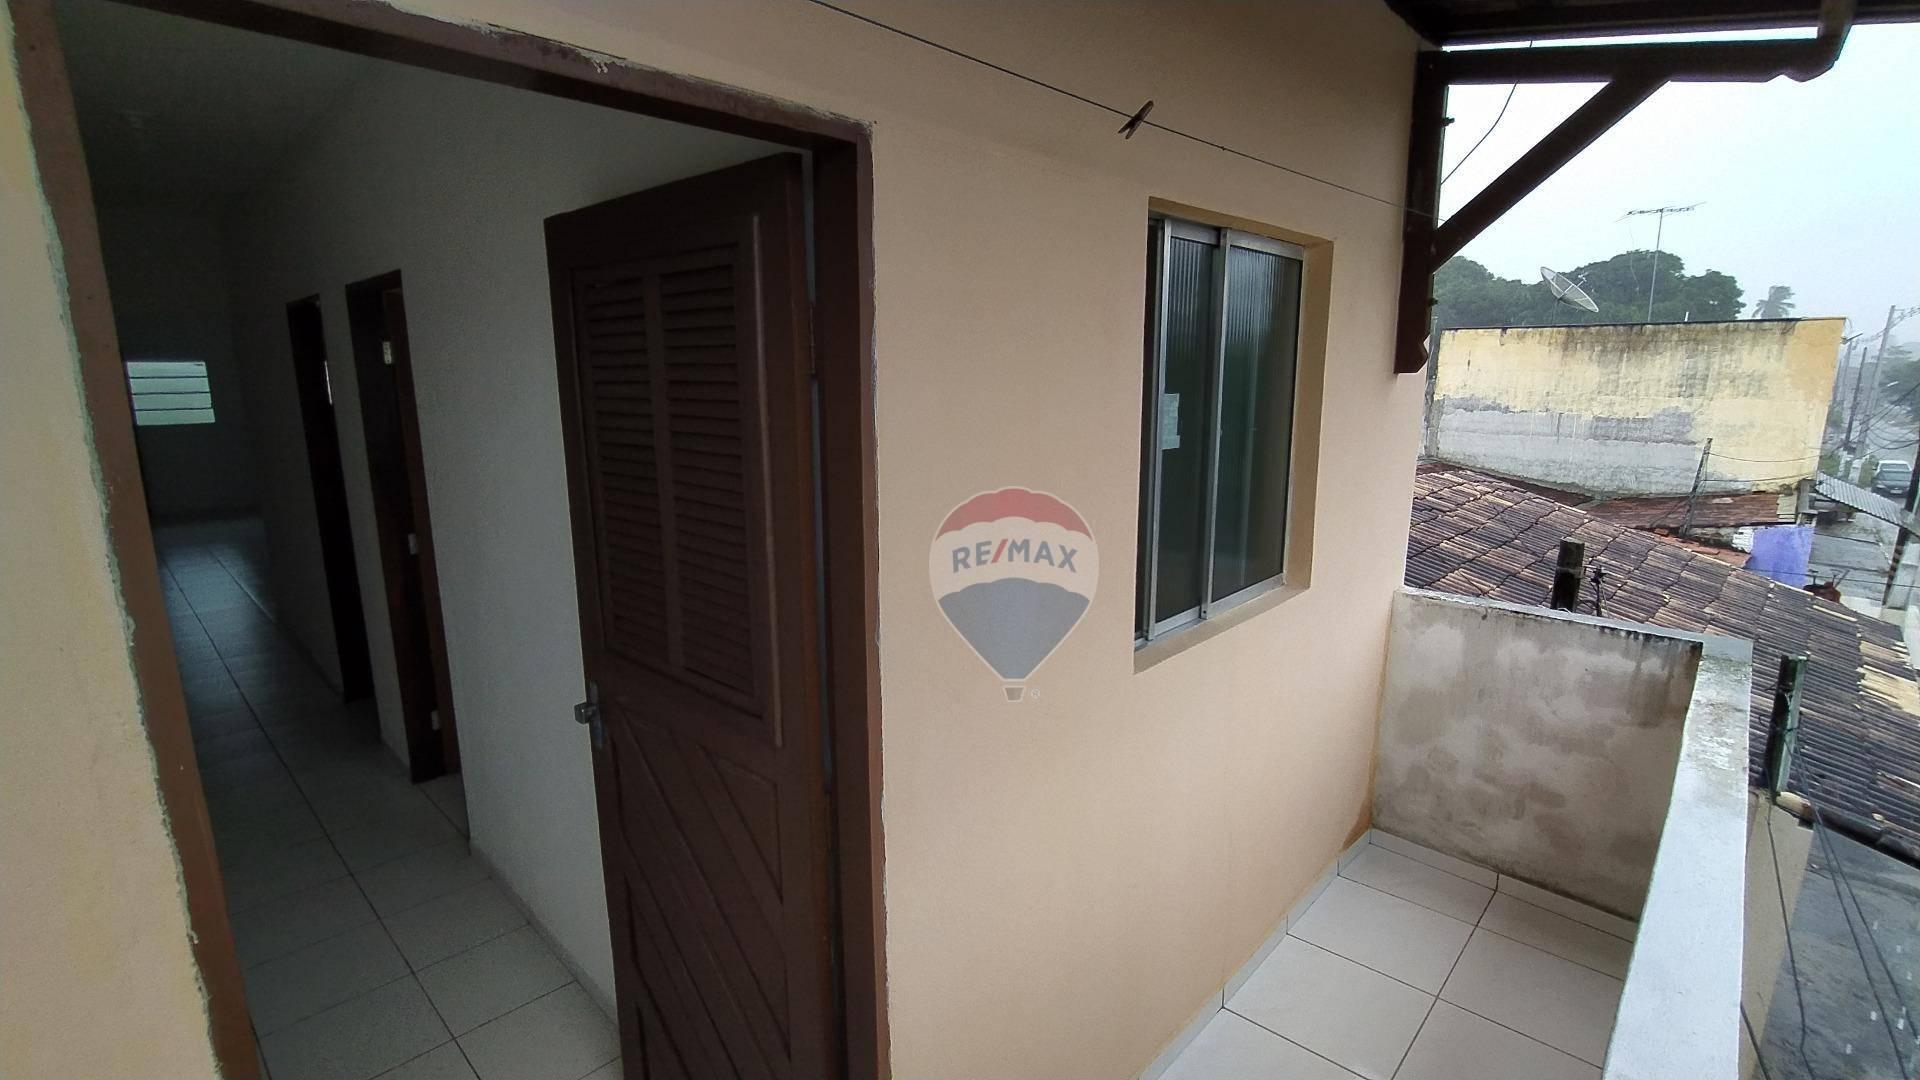 Apartamento com 2 dormitórios para alugar, 65 m² por R$ 500,00/mês - Jardim Planalto - Parnamirim/RN